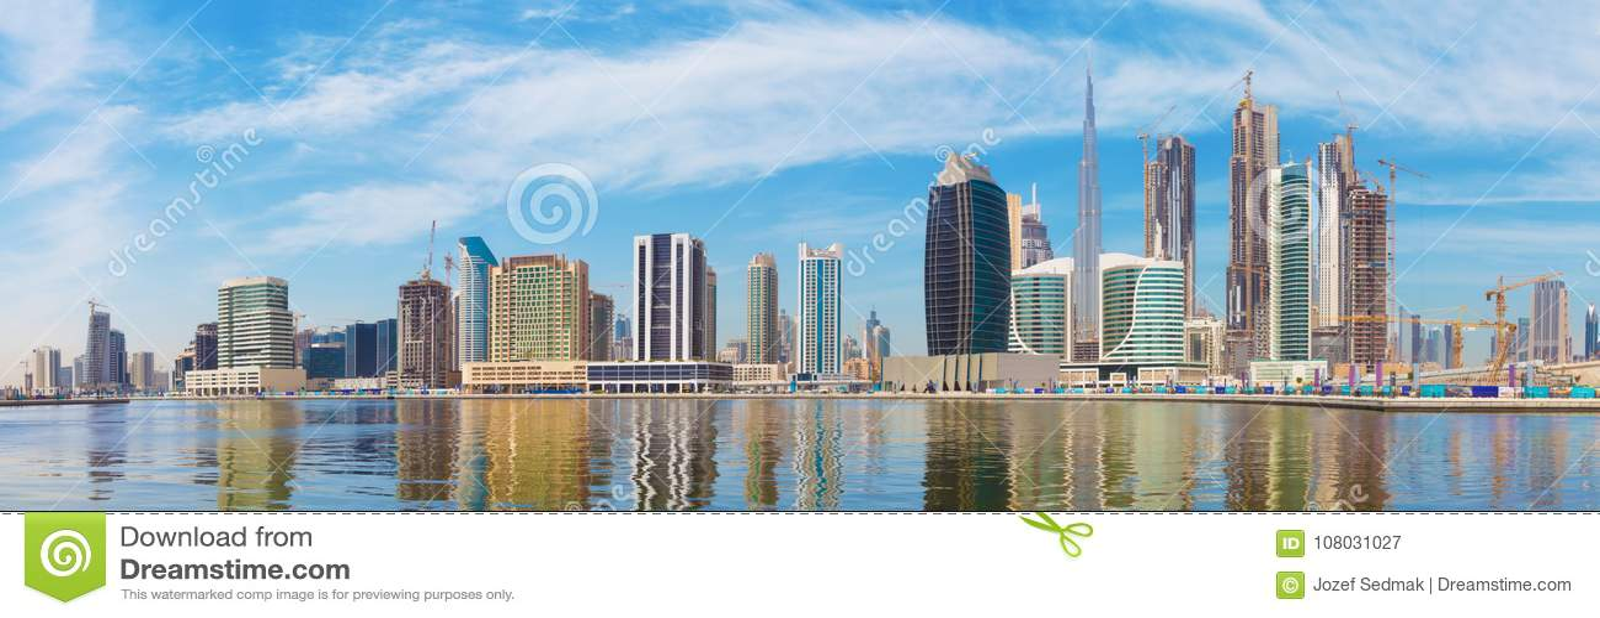 Dubai - o panorama com o canal e os arranha-céus novos da baixa